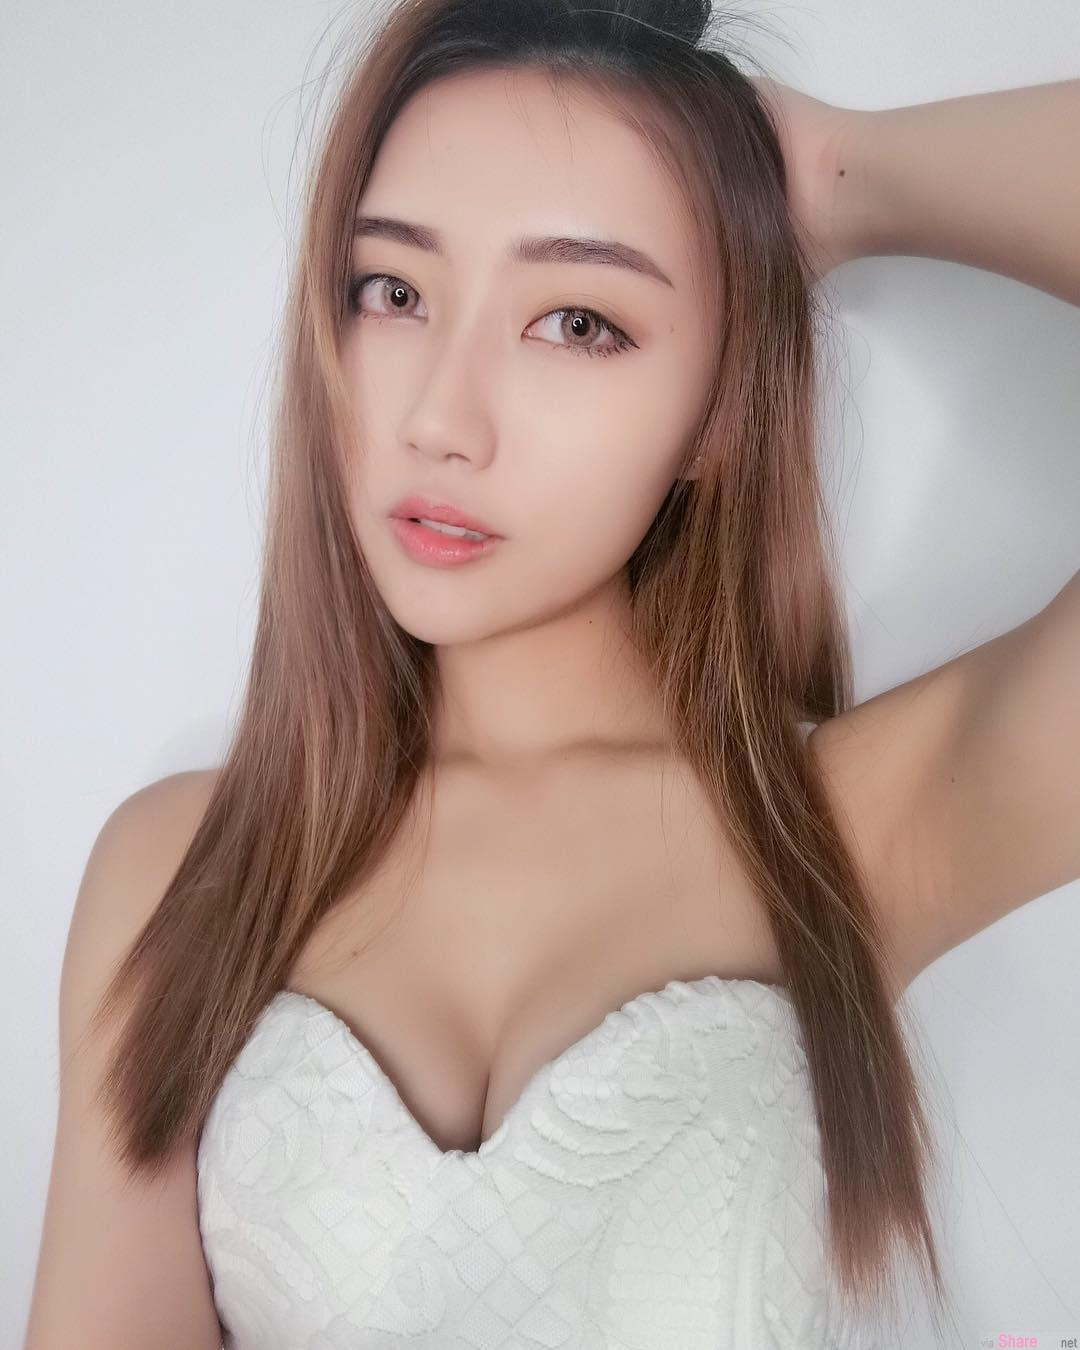 大马正妹陈素莹Reiiko,美丽性感代言人